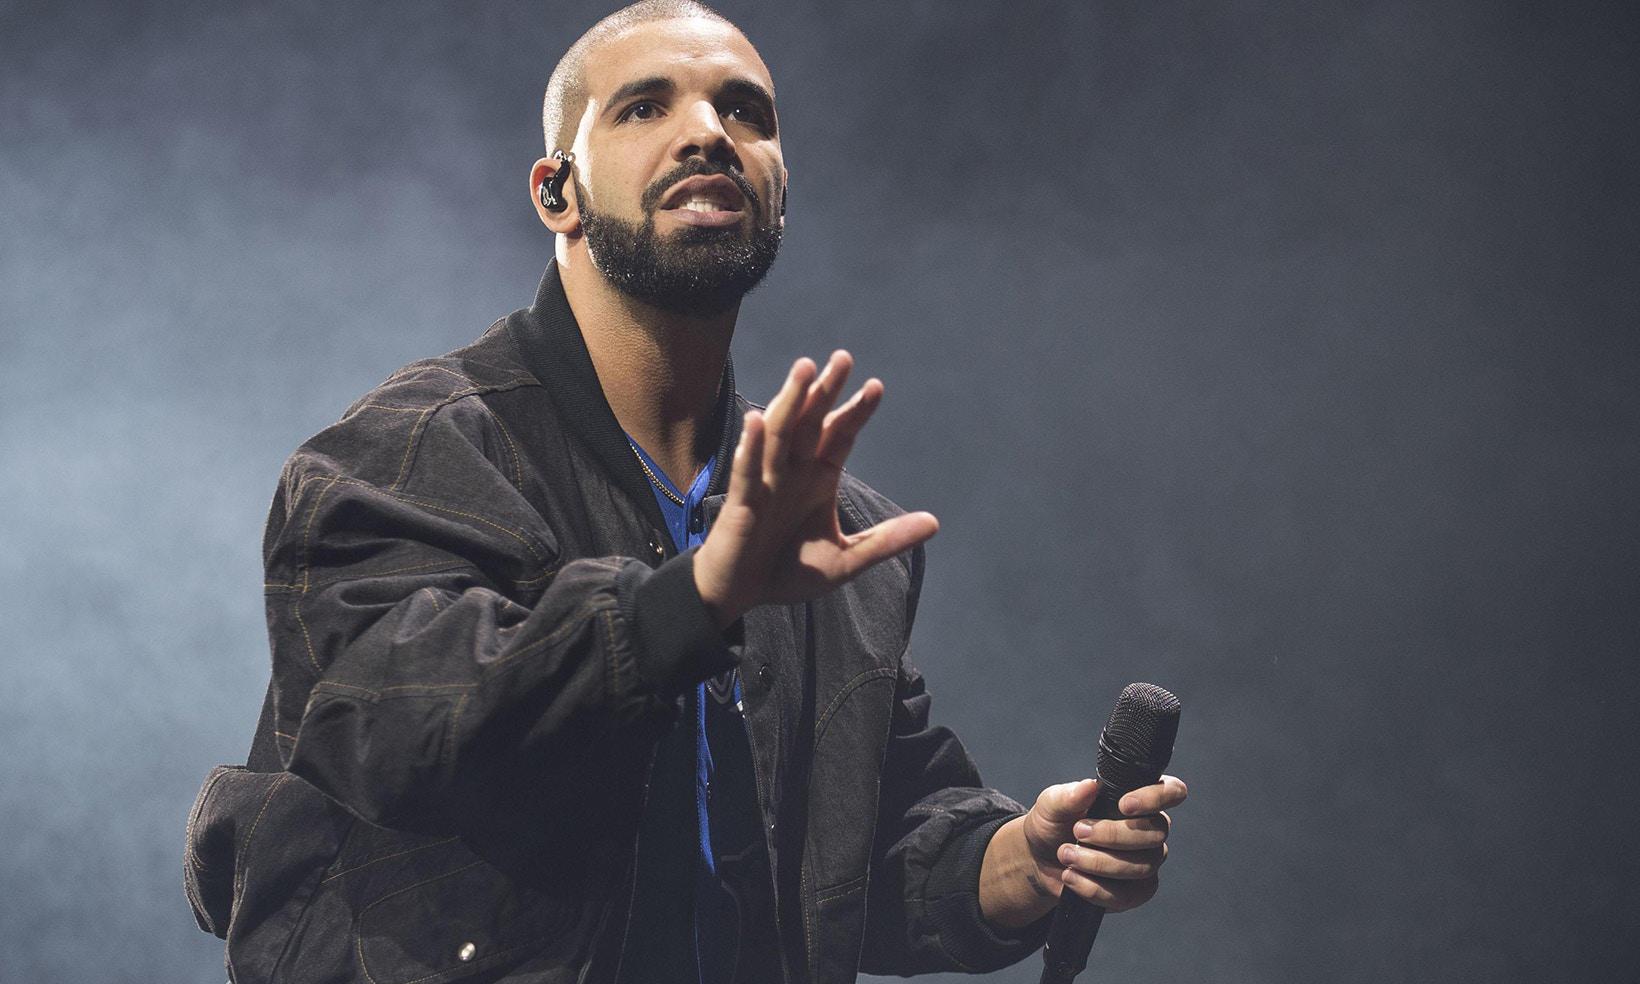 Drake热单《God's Plan》一周播放量突破一亿次